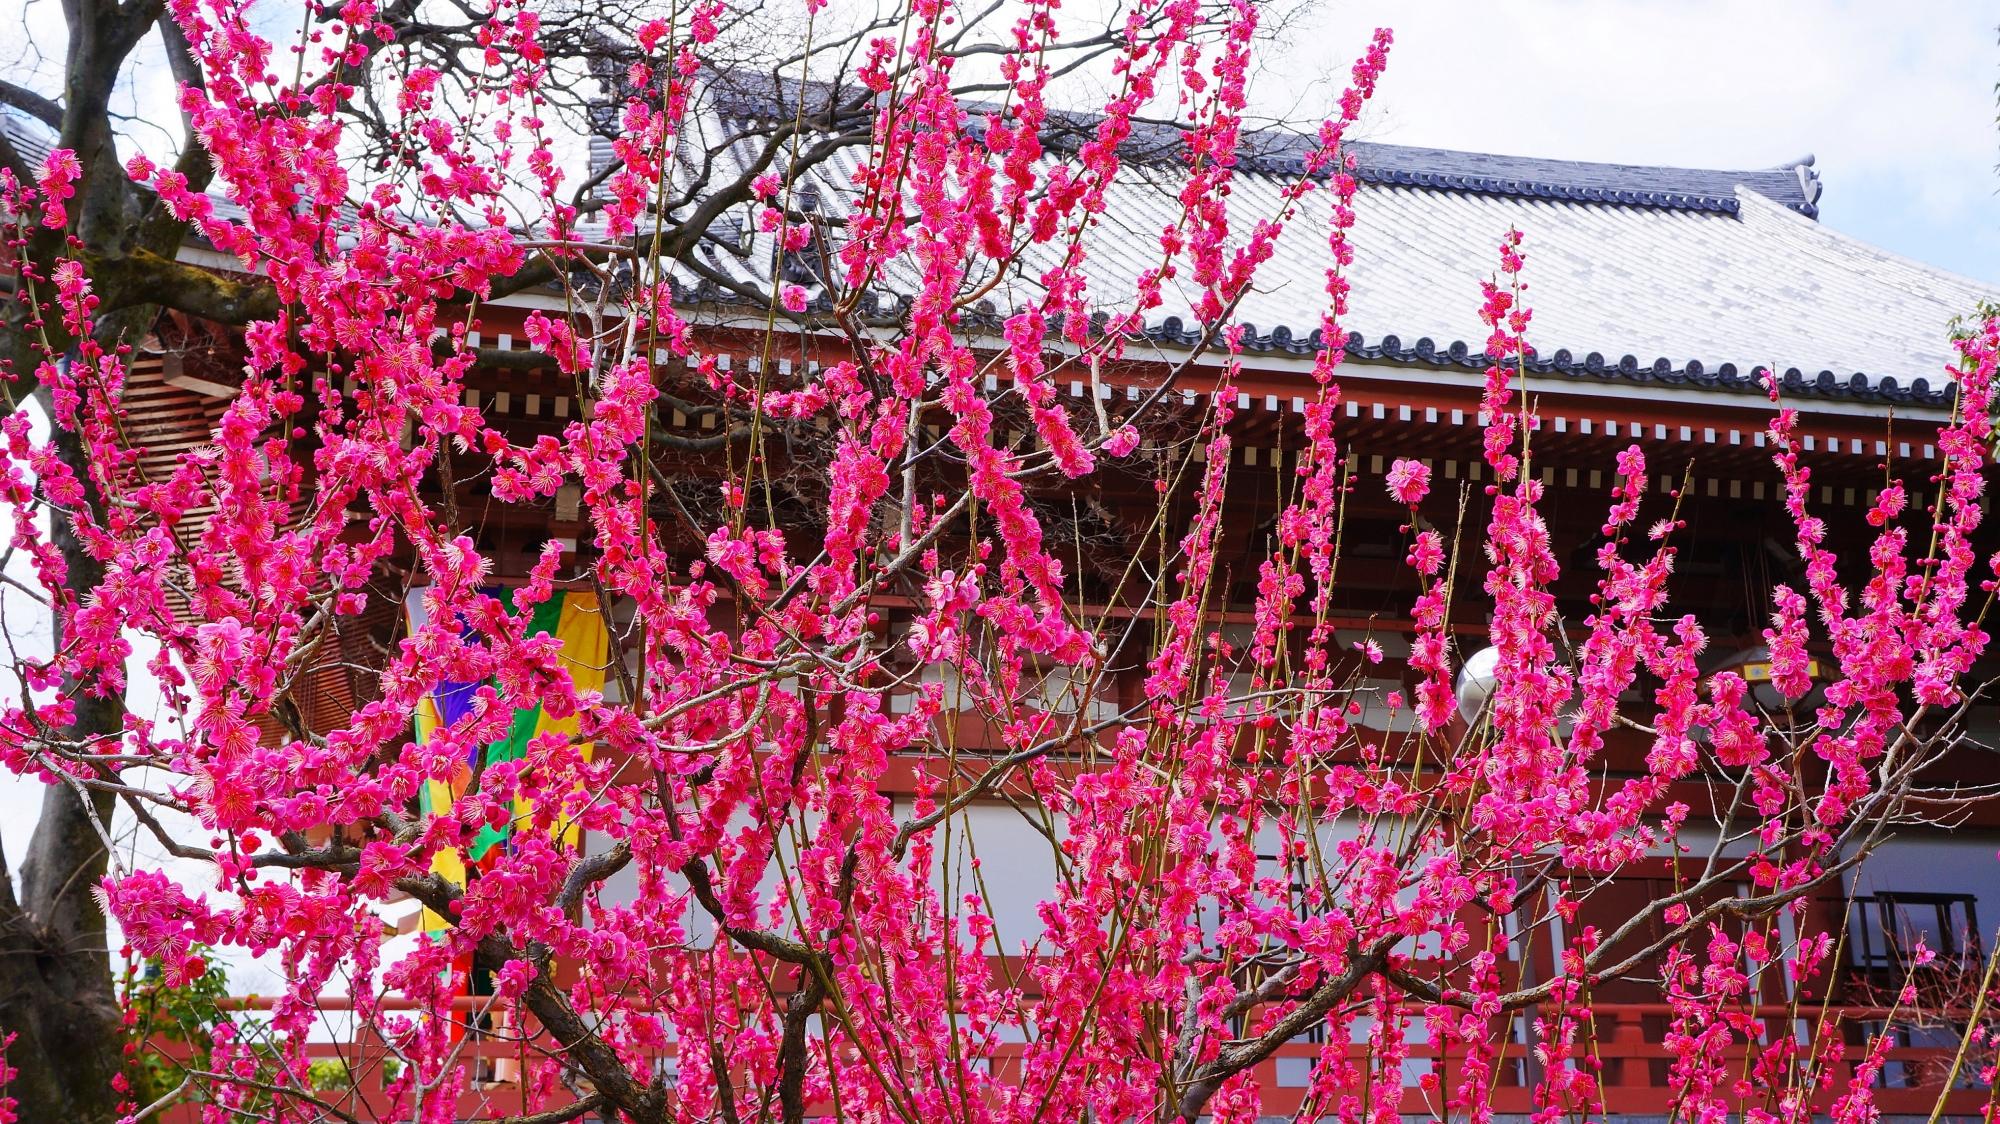 燃え上がるように濃いピンクの梅の花